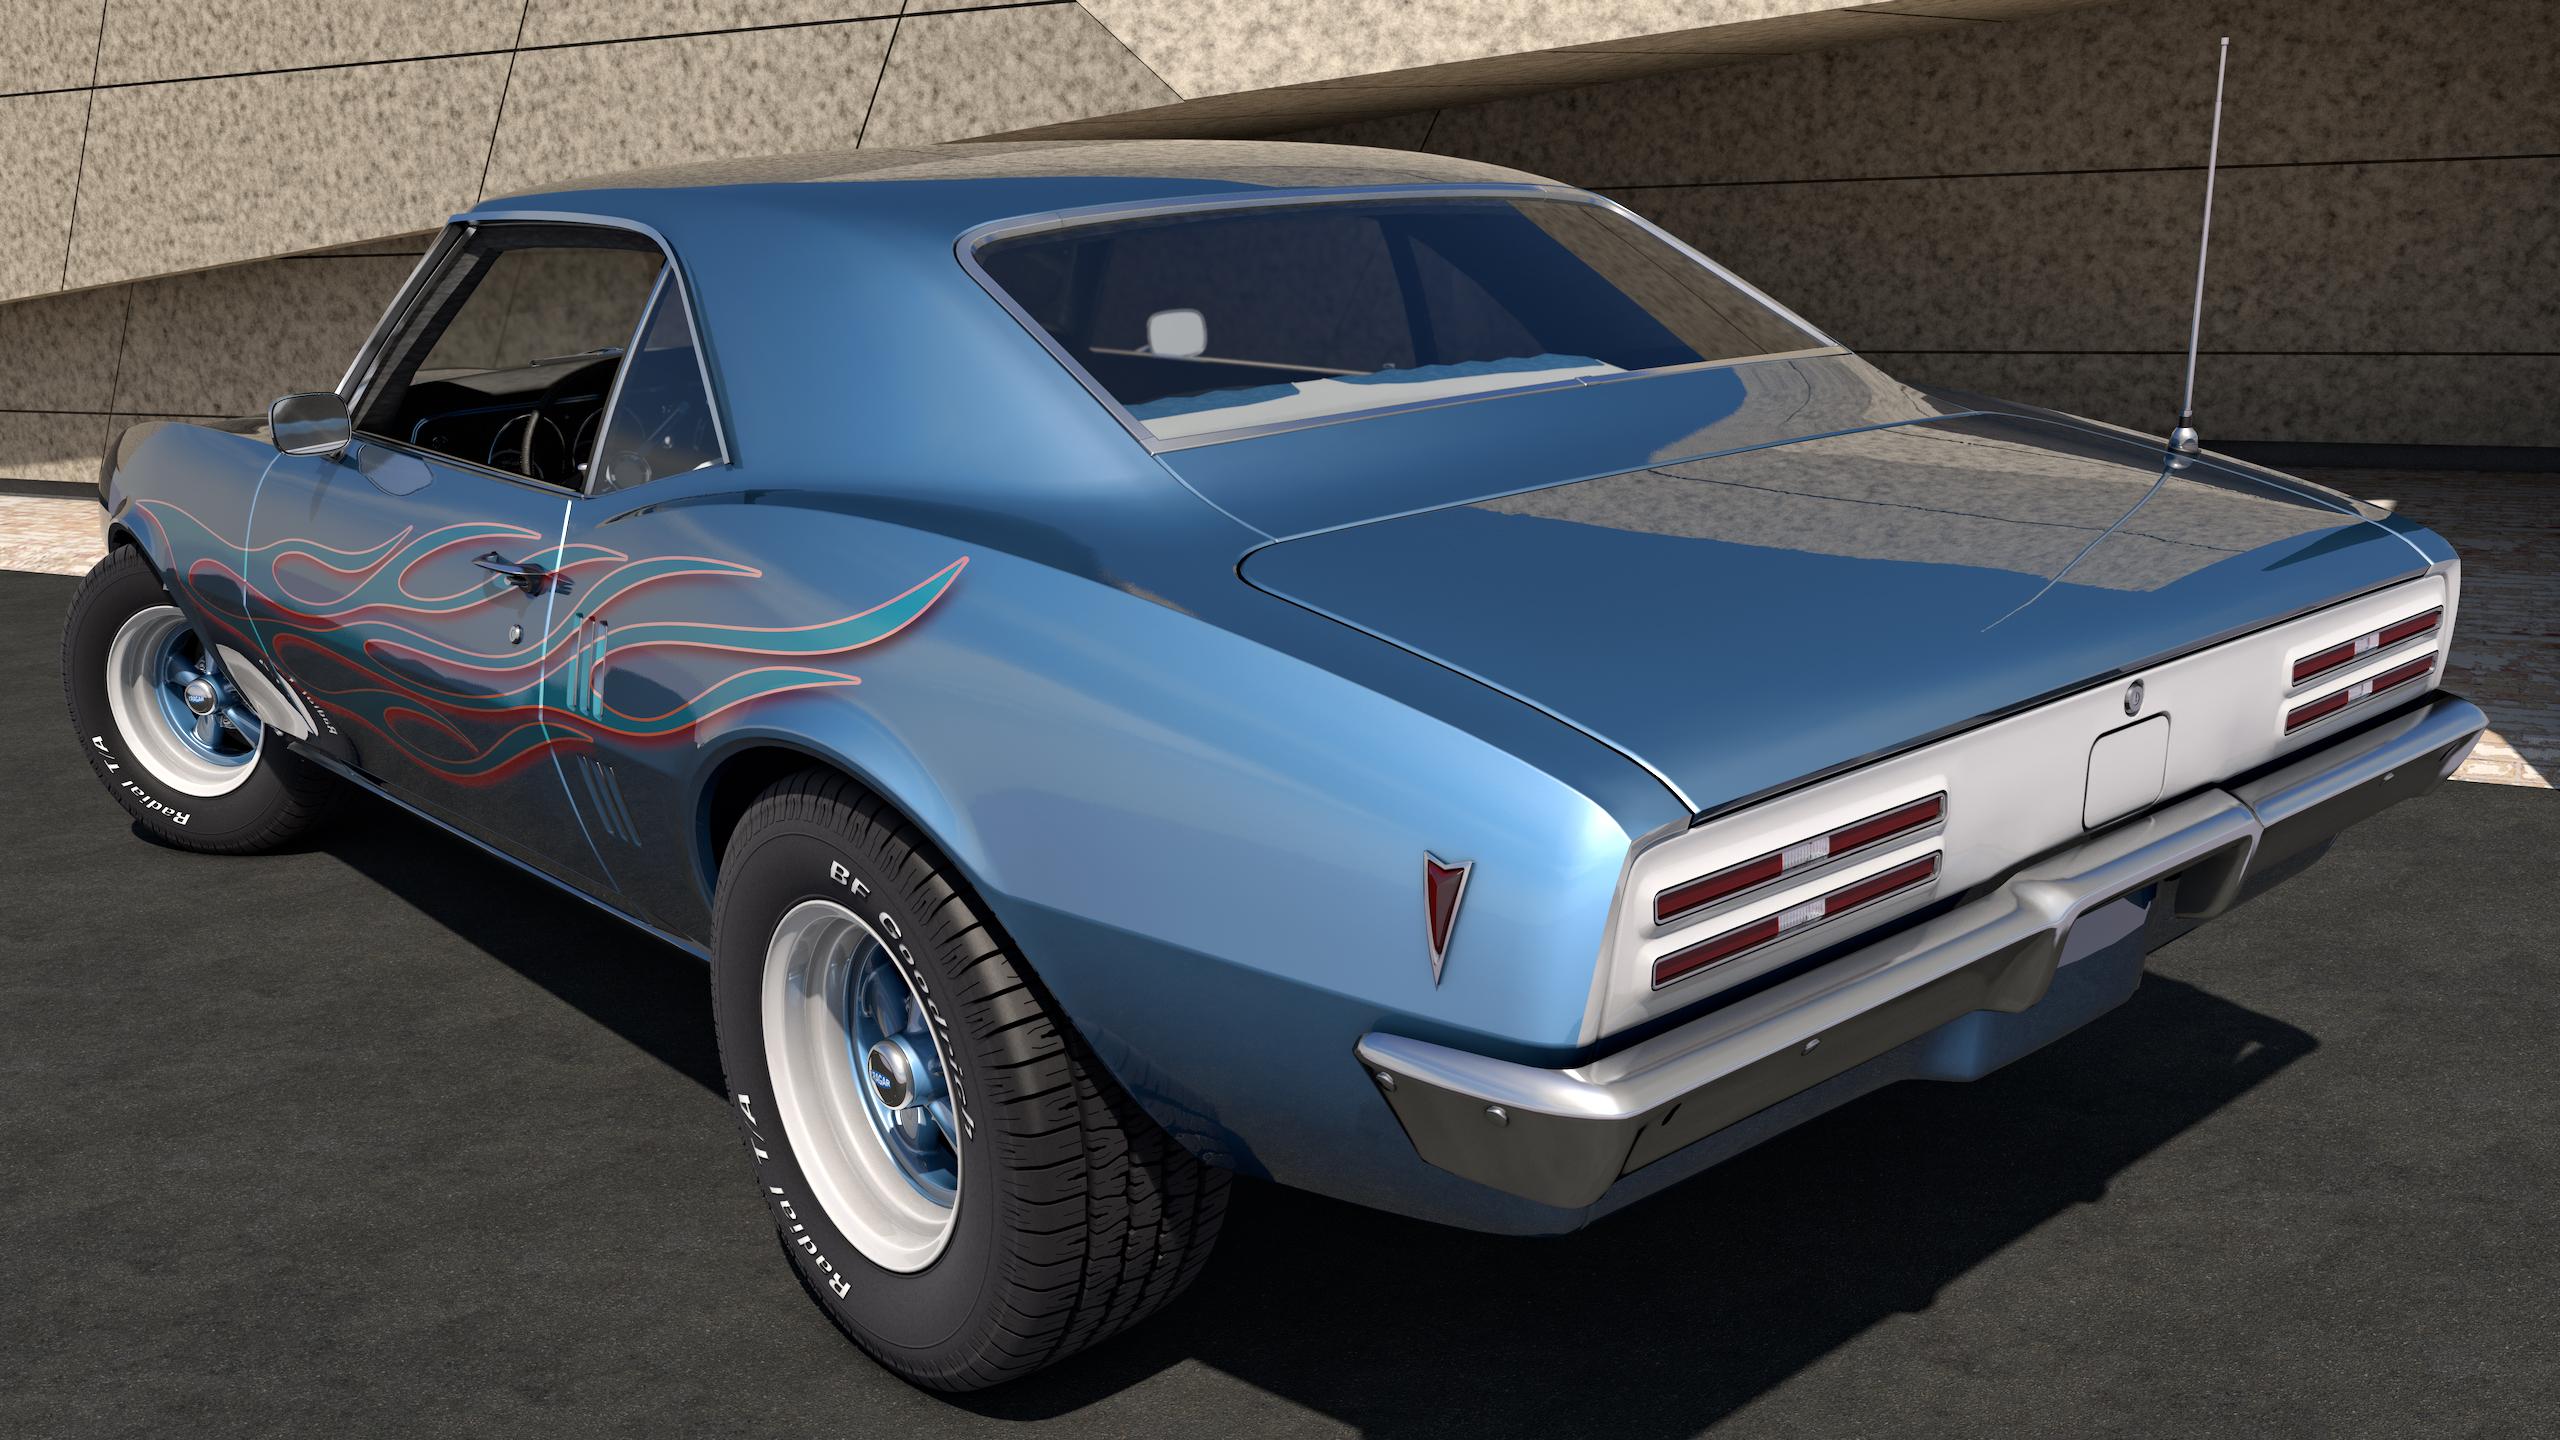 1968 Pontiac Firebird 400 by SamCurry